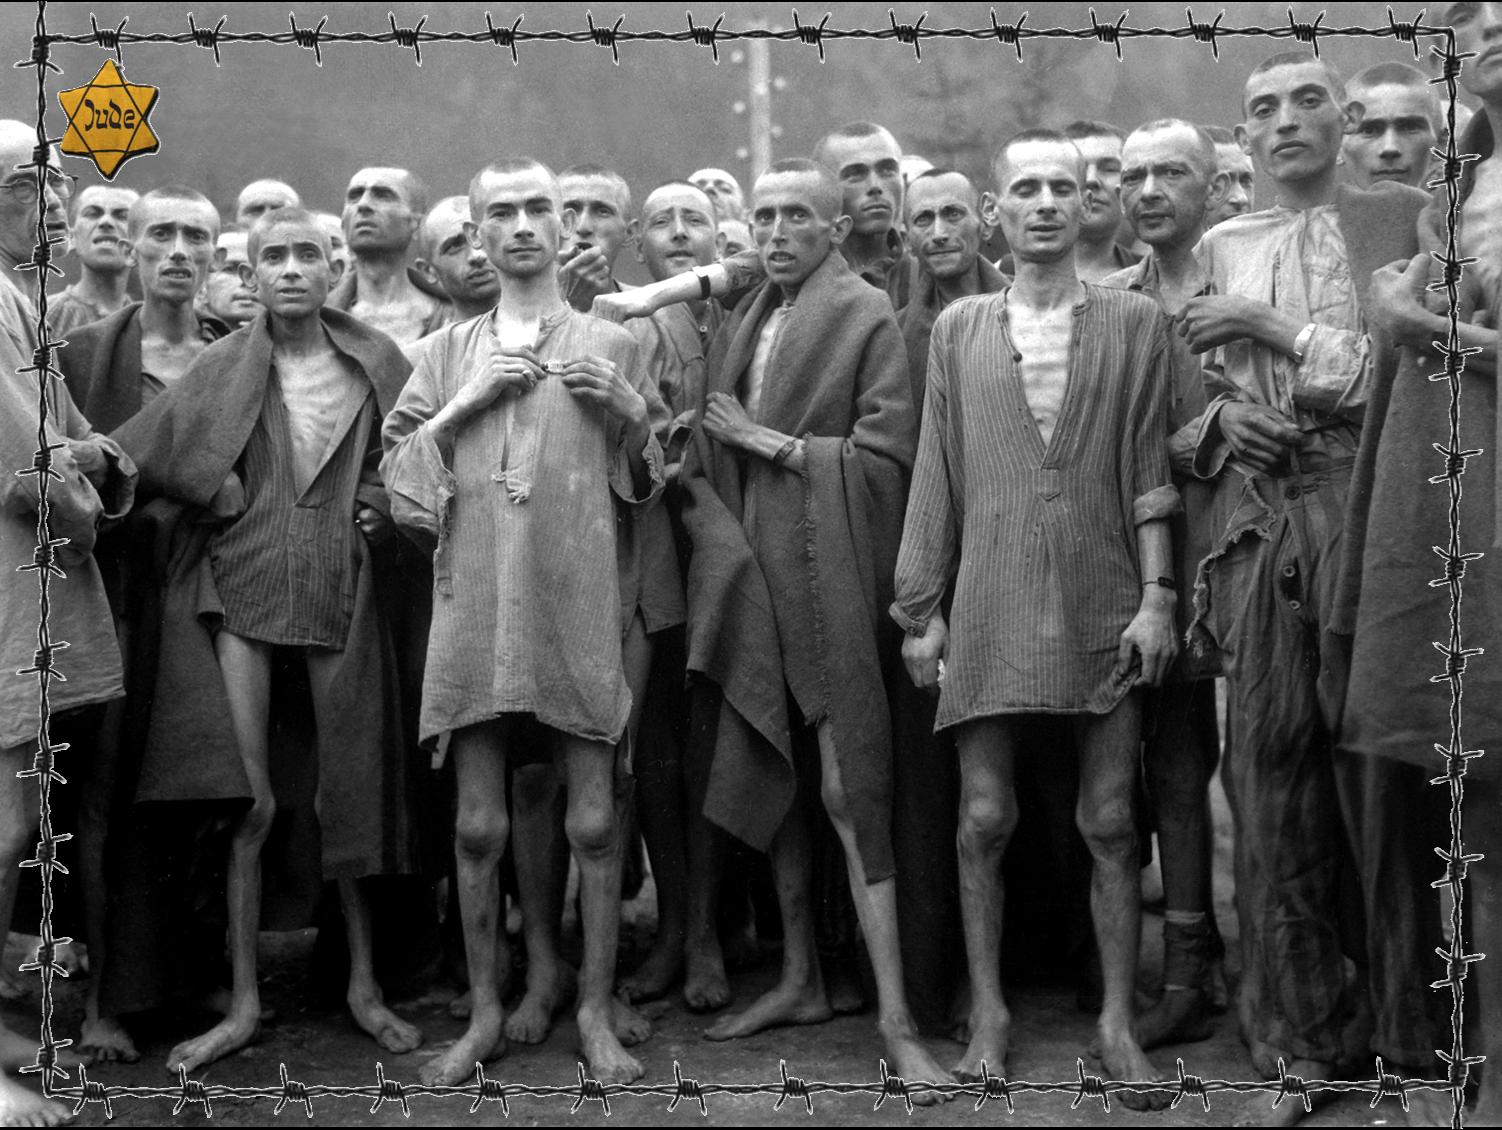 Holocaust PowerPoint Background by ebturner on DeviantArt